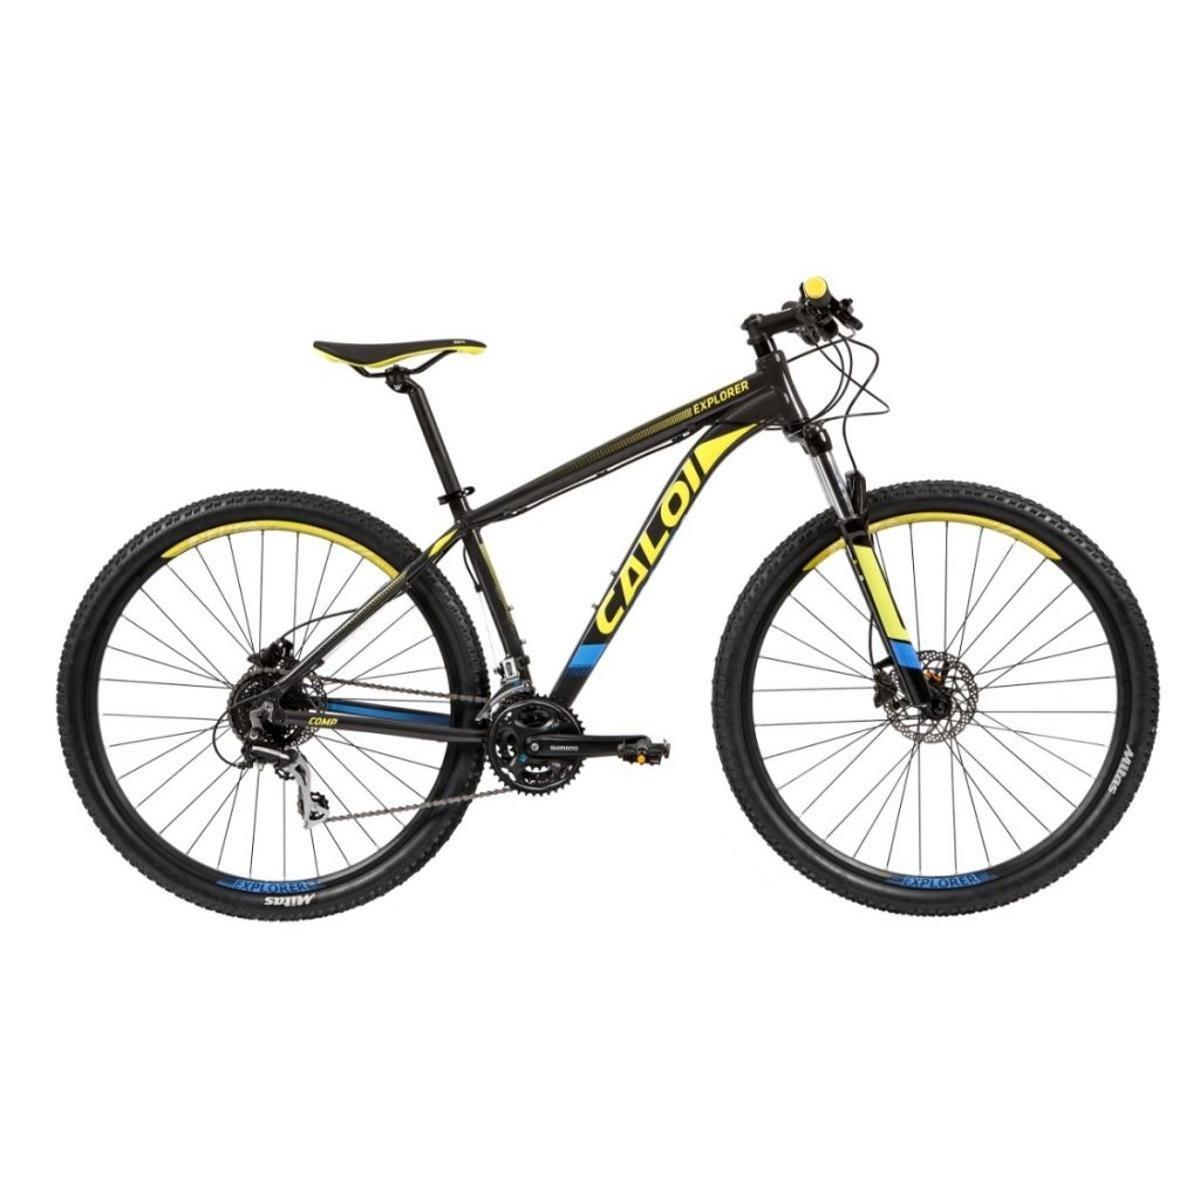 78992d6bf Bicicleta Caloi Explorer Comp 2019 - Preto e Amarelo